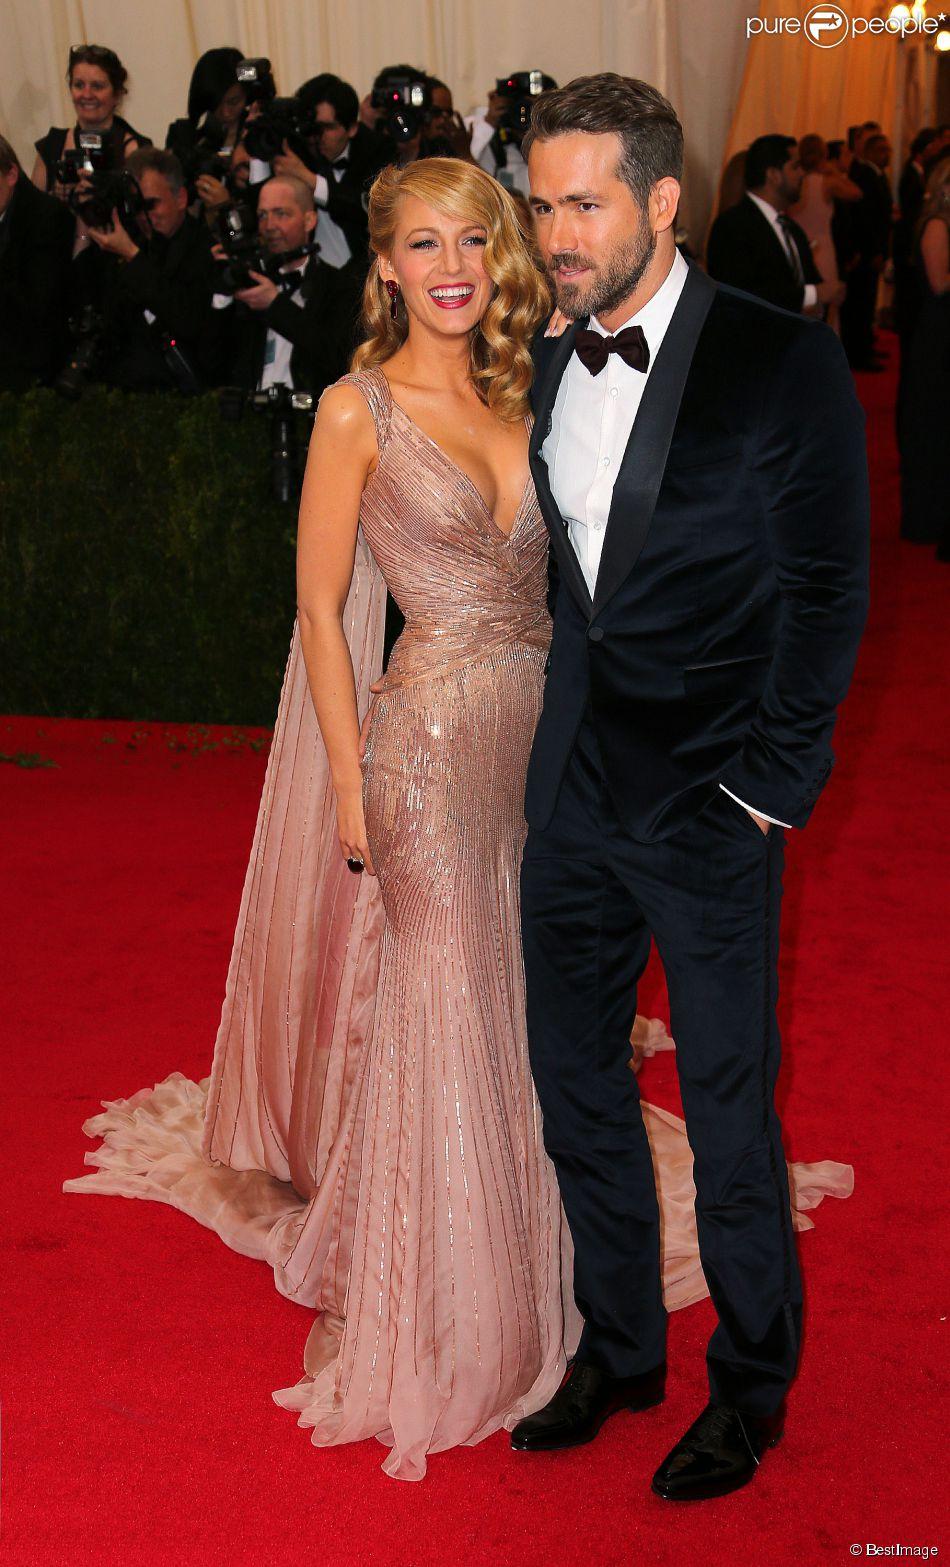 Blake Lively et Ryan Reynolds à la s oirée du Met Ball à New York, le 5 mai 2014.